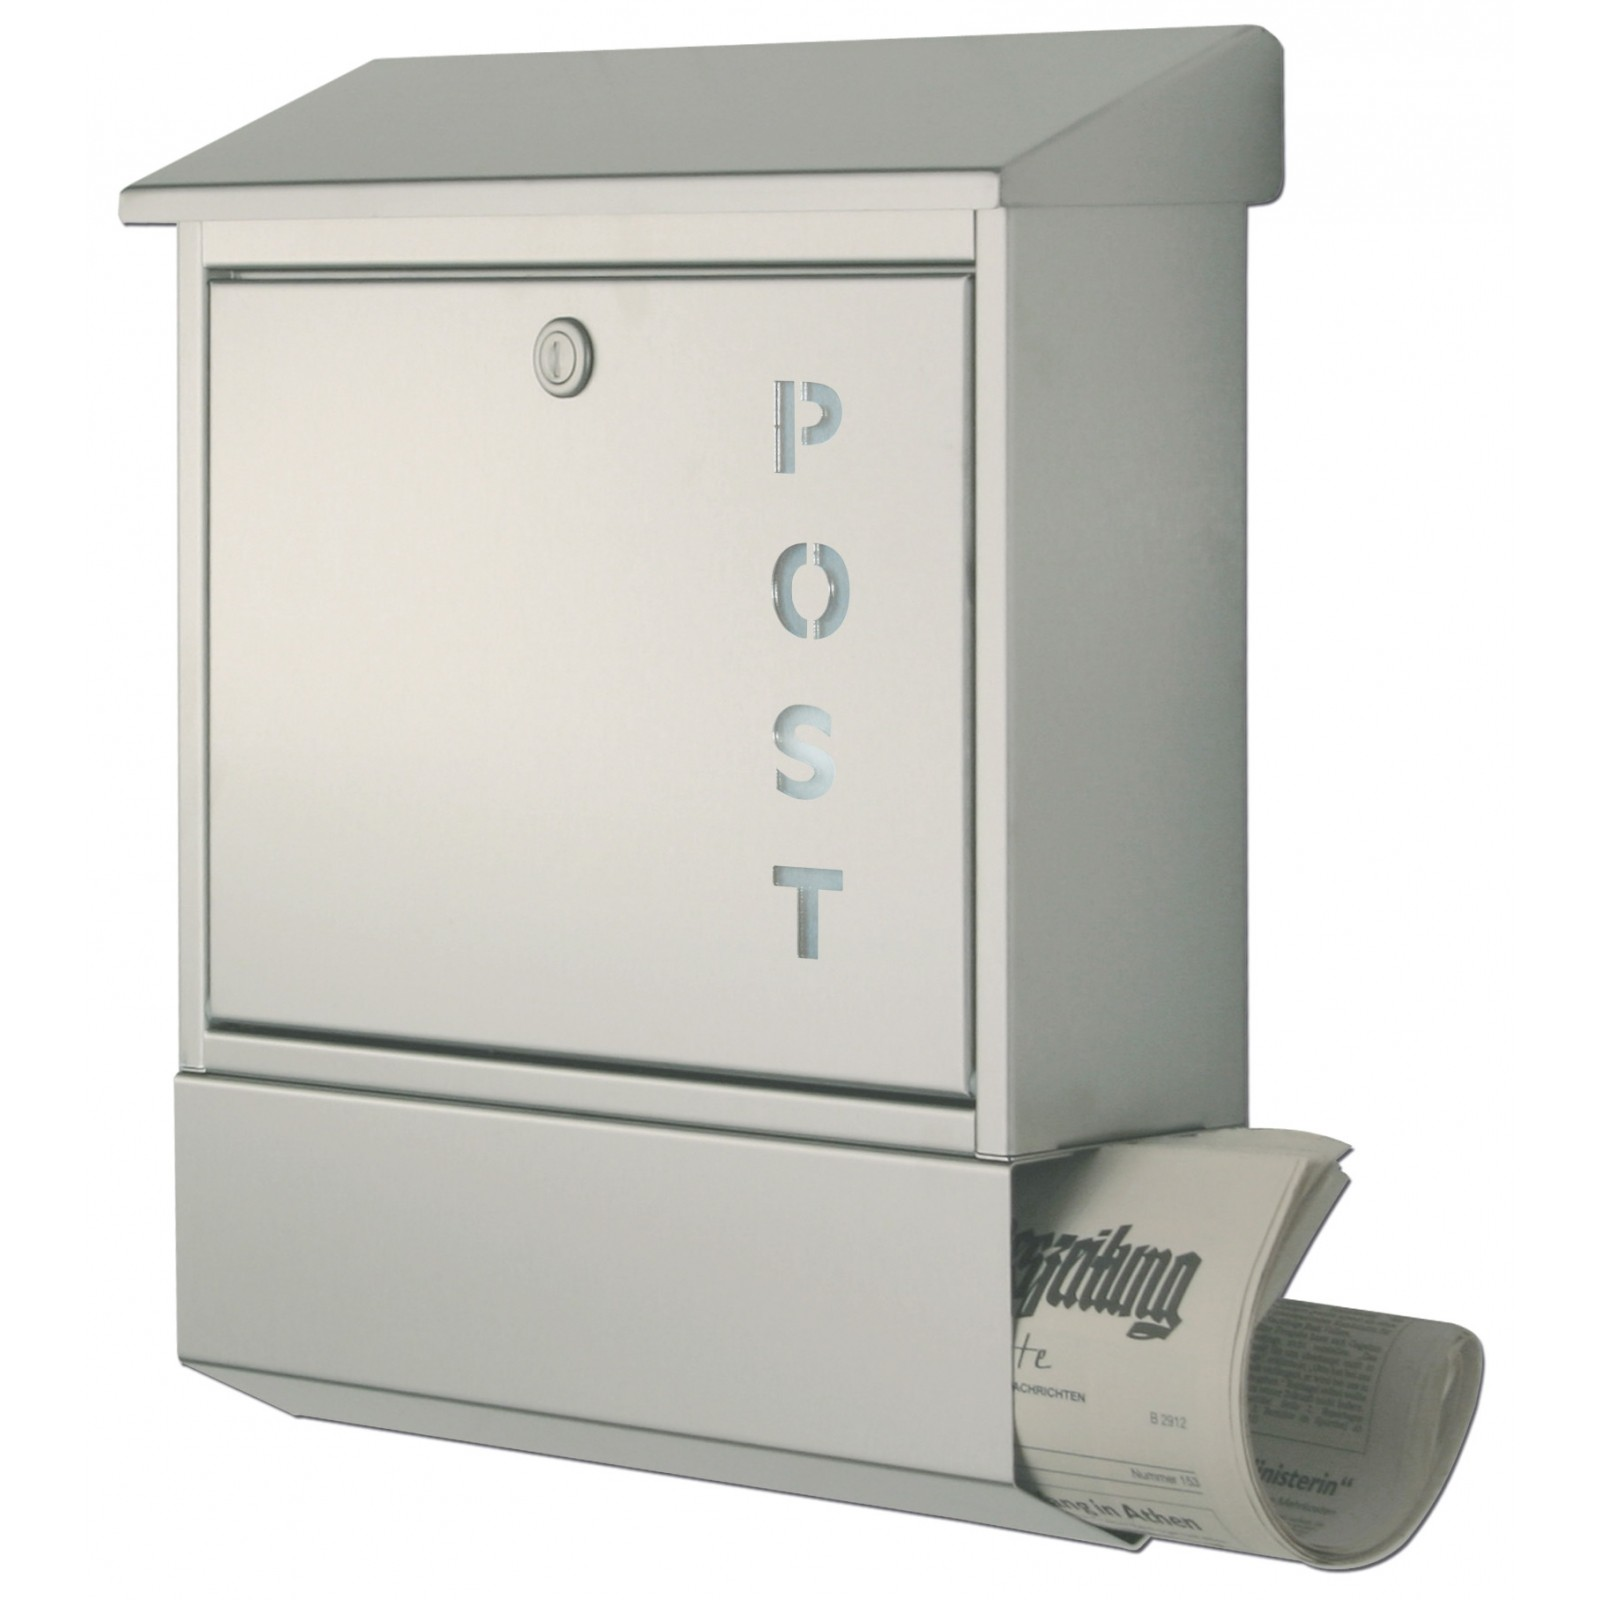 boite aux lettres awesome bote aux lettres pour clture borkum en inox with boite aux lettres. Black Bedroom Furniture Sets. Home Design Ideas